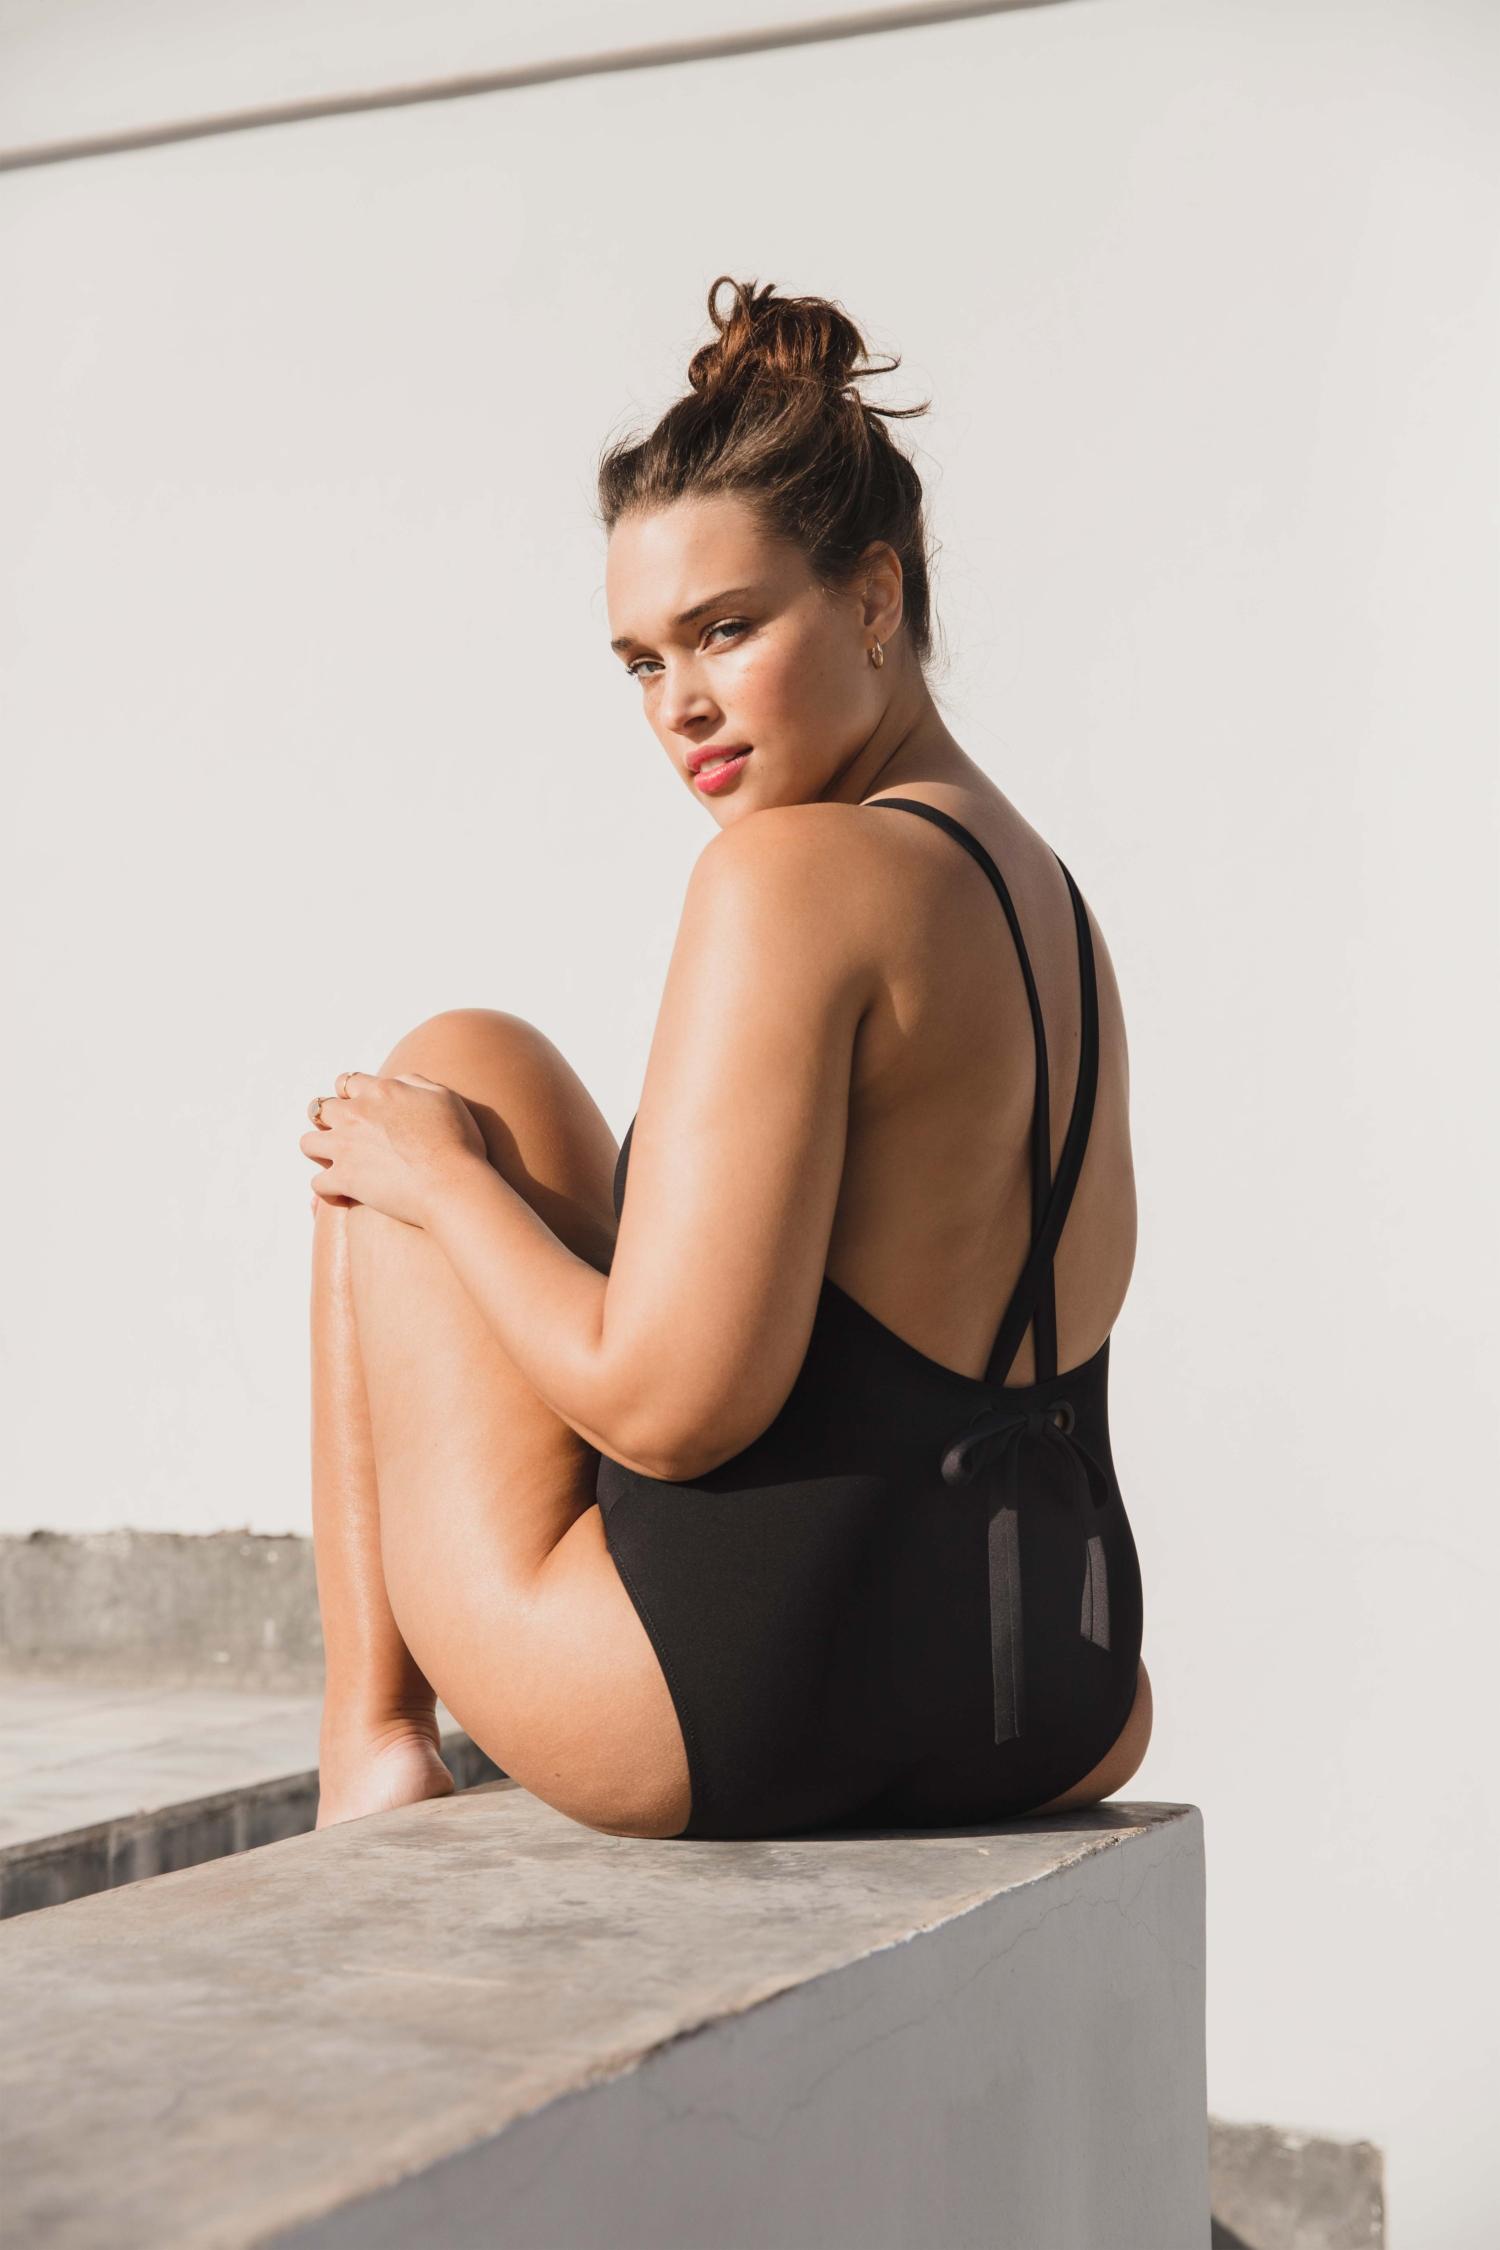 Vente en présentant matériaux de haute qualité Pour l'été 2019, les marques de maillots de bain jouent ...